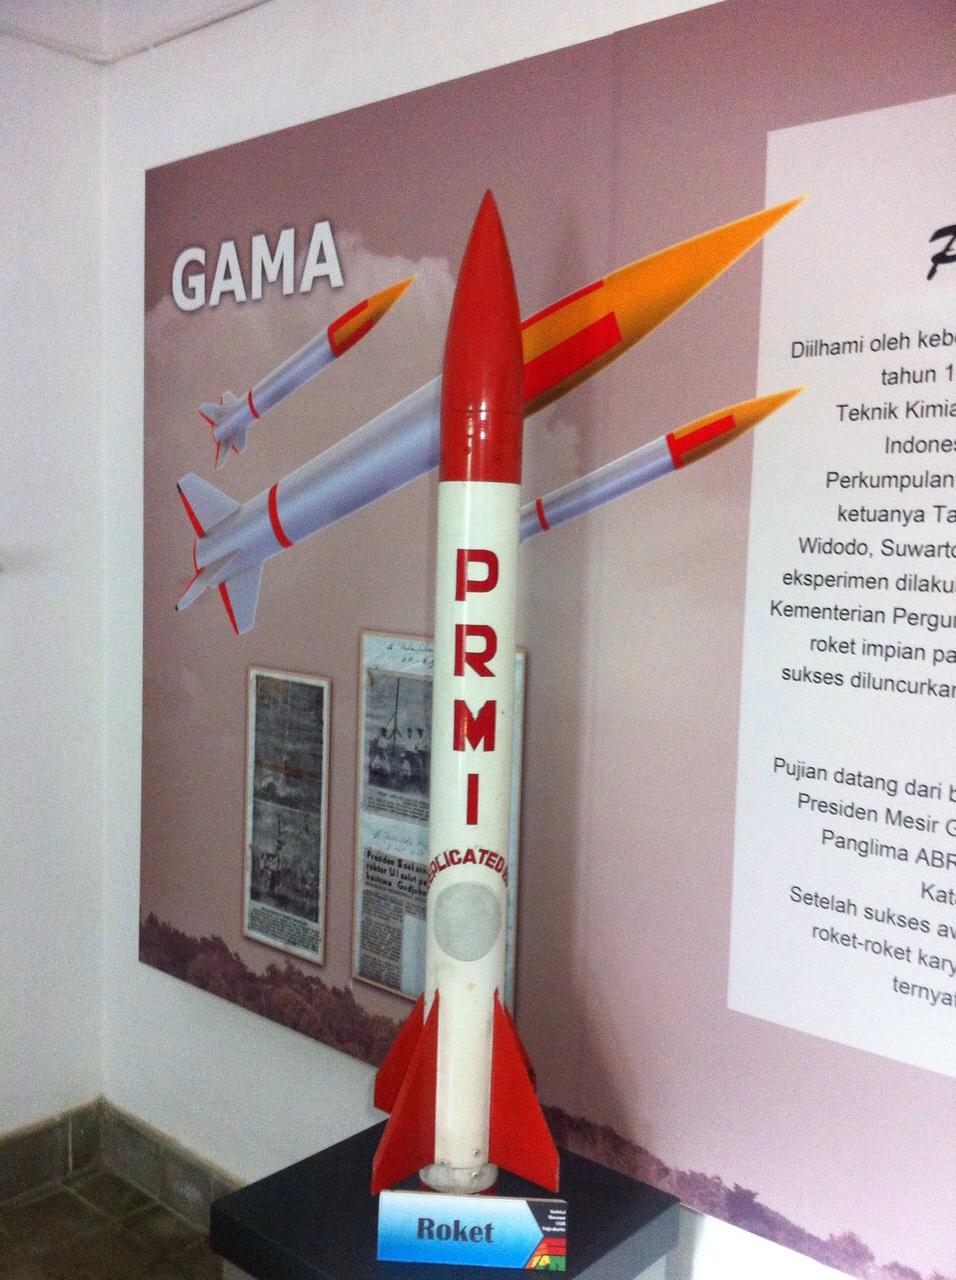 Kisah roket pertama Indonesia yang bikin bangga  Bung Karno